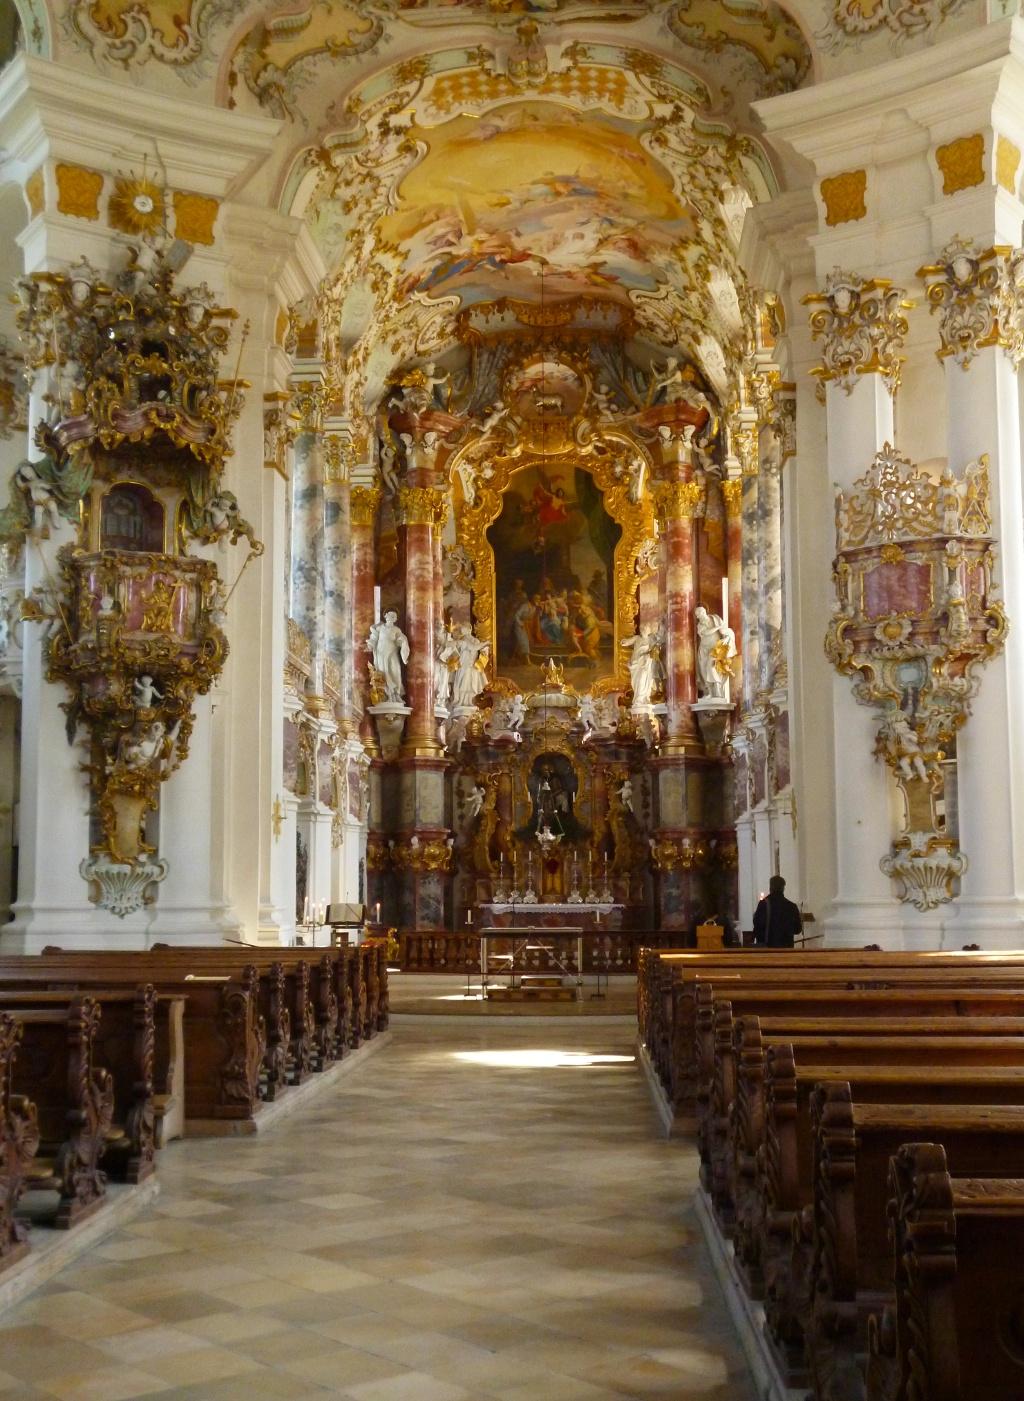 Der aufwändig verzierte Altarraum der Wieskirche. (Monika Heindl)